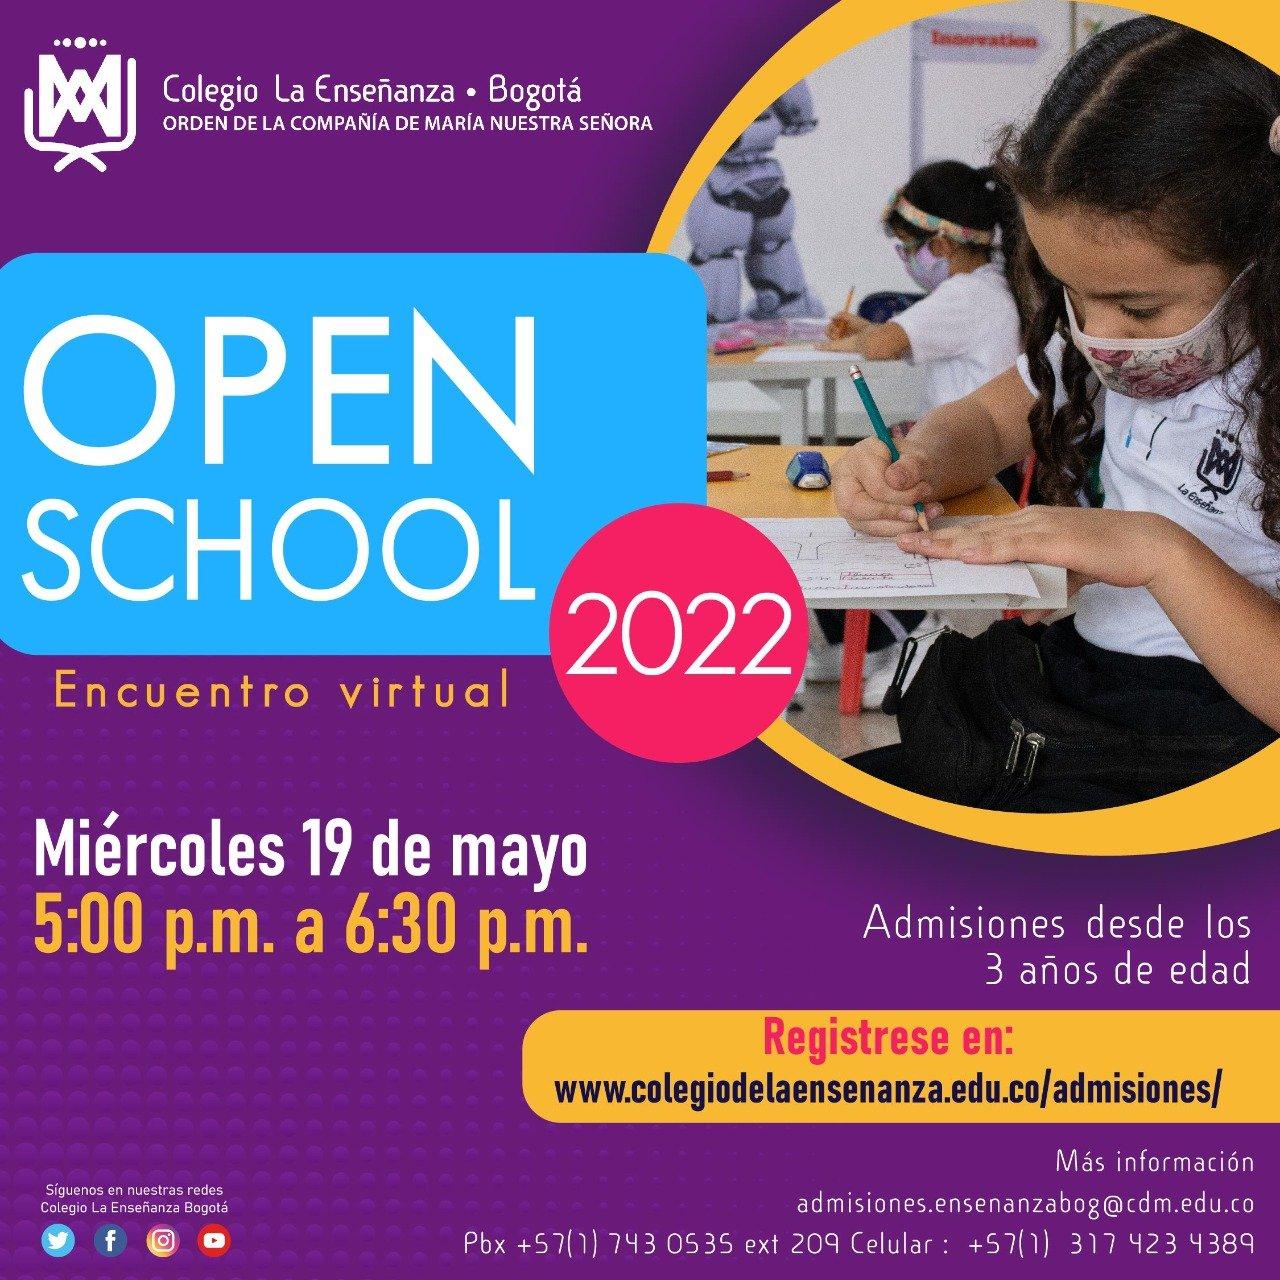 Haz parte del OPEN SCHOOL VIRTUAL del Colegio La Enseñanza